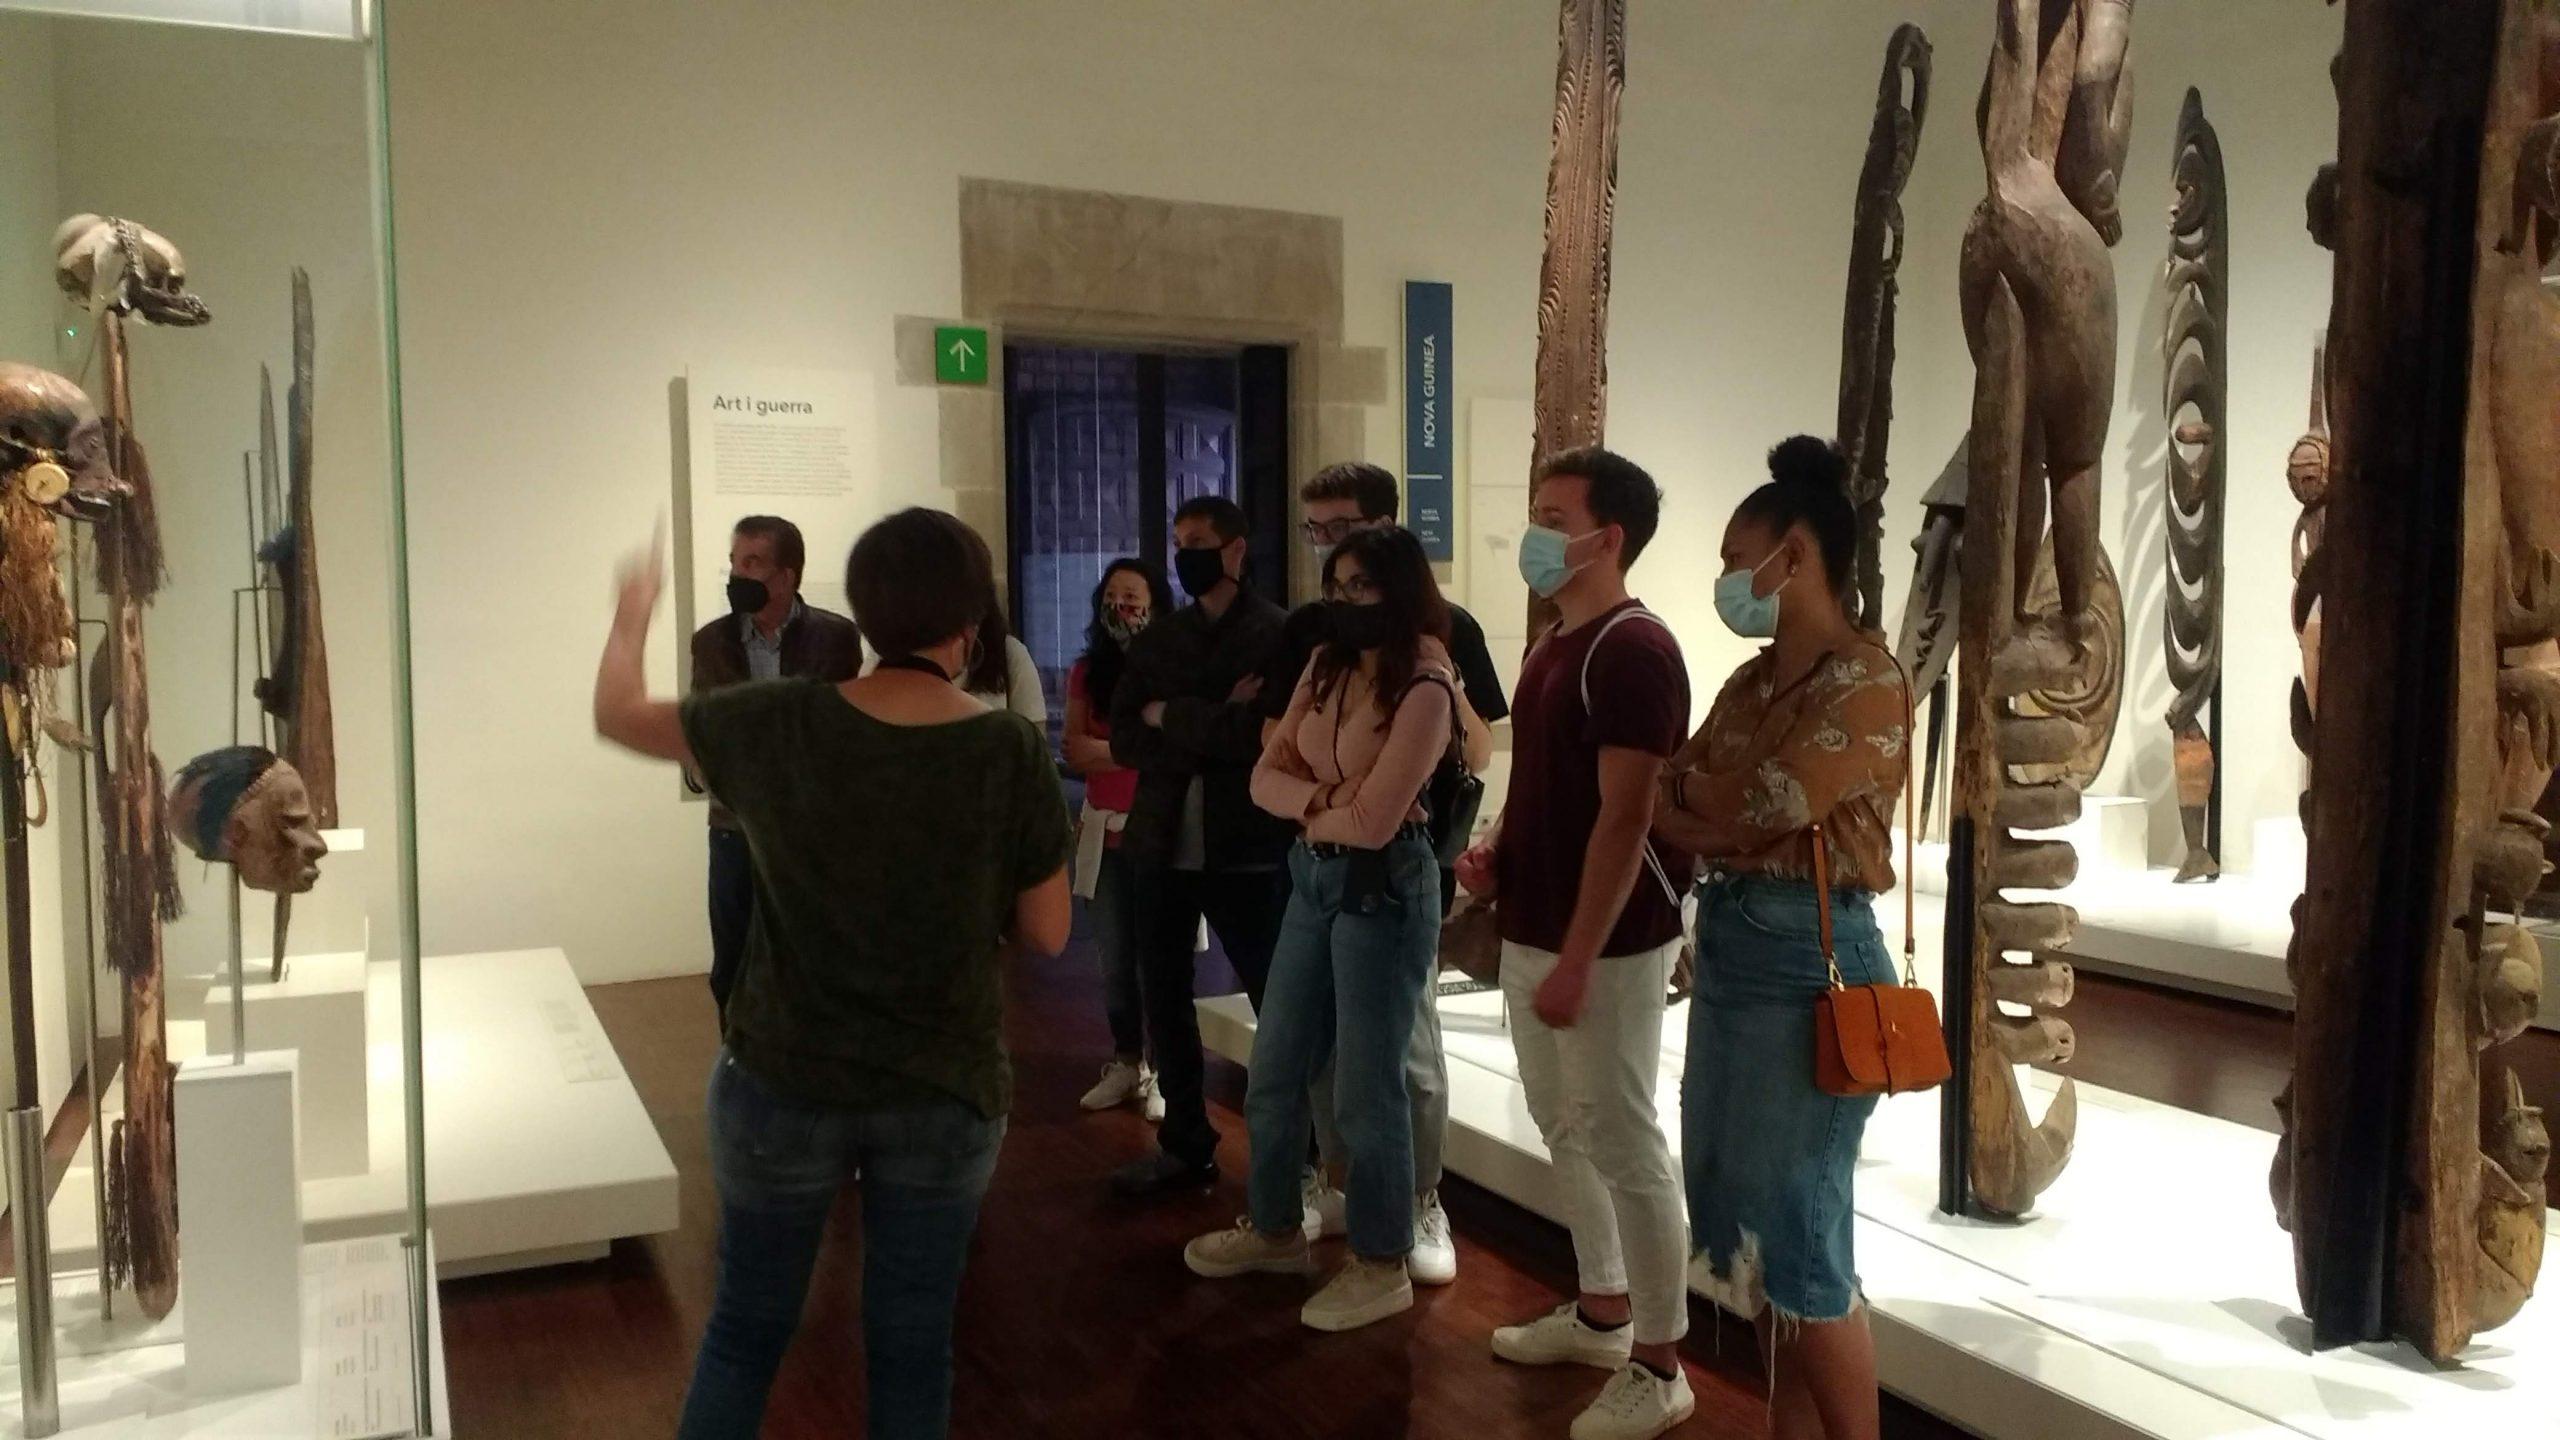 Imatge de la visita al Museu Etnològic i de Cultures del Món.